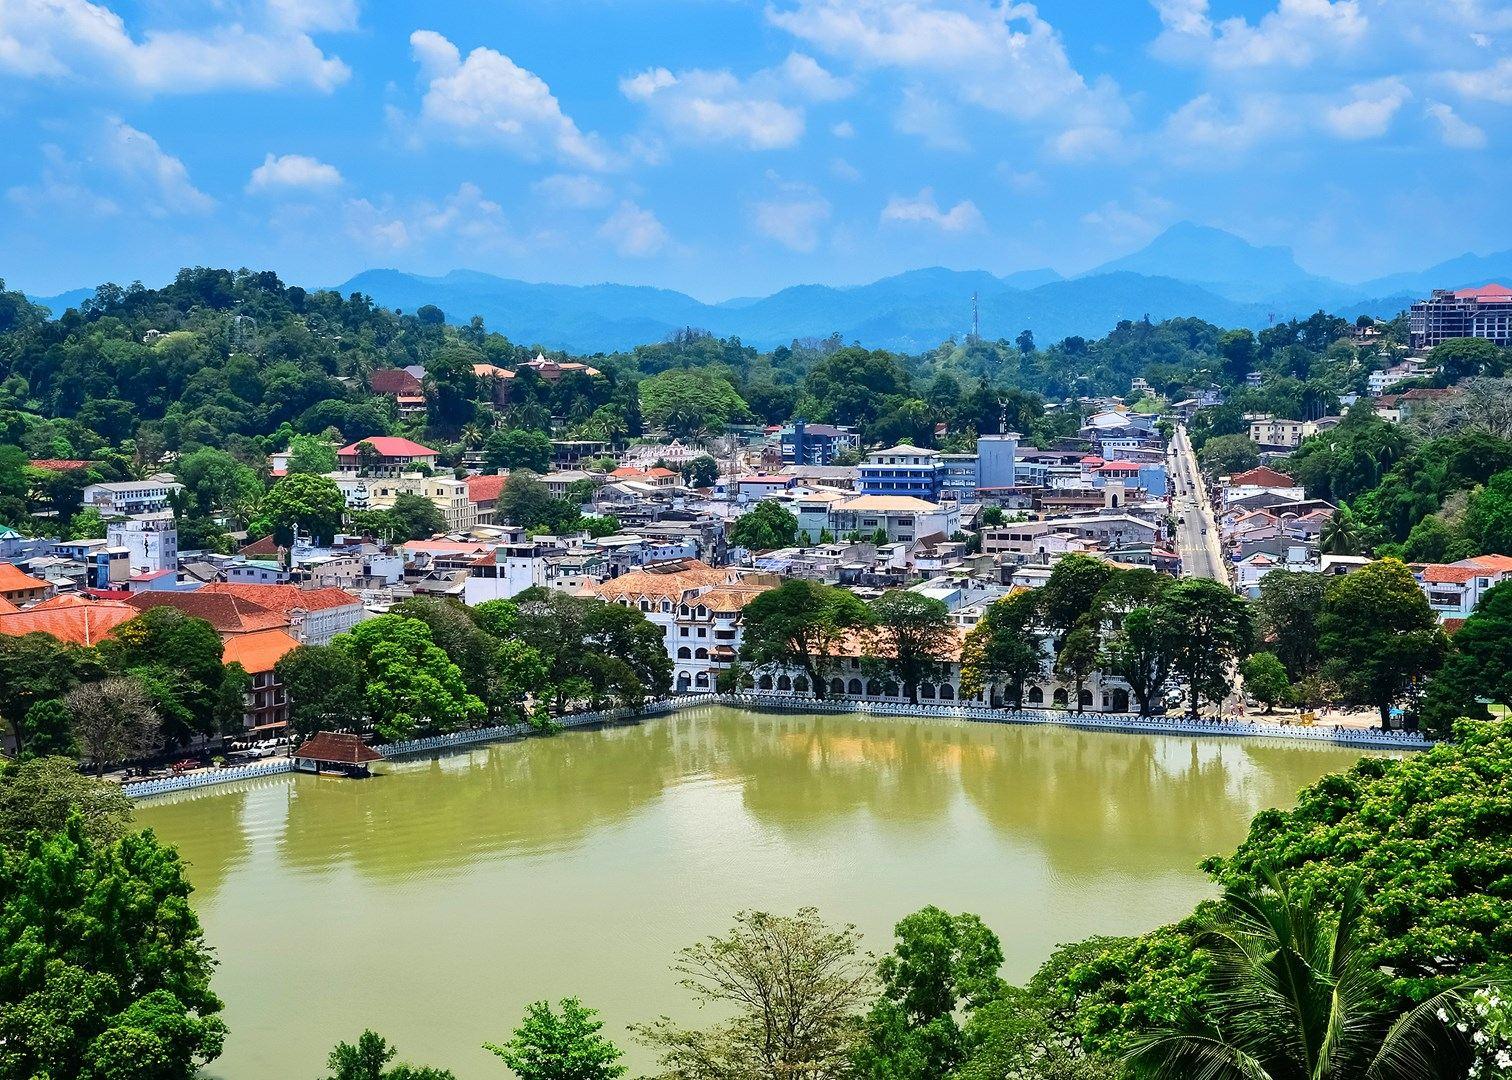 Канди город в Шри-Ланке